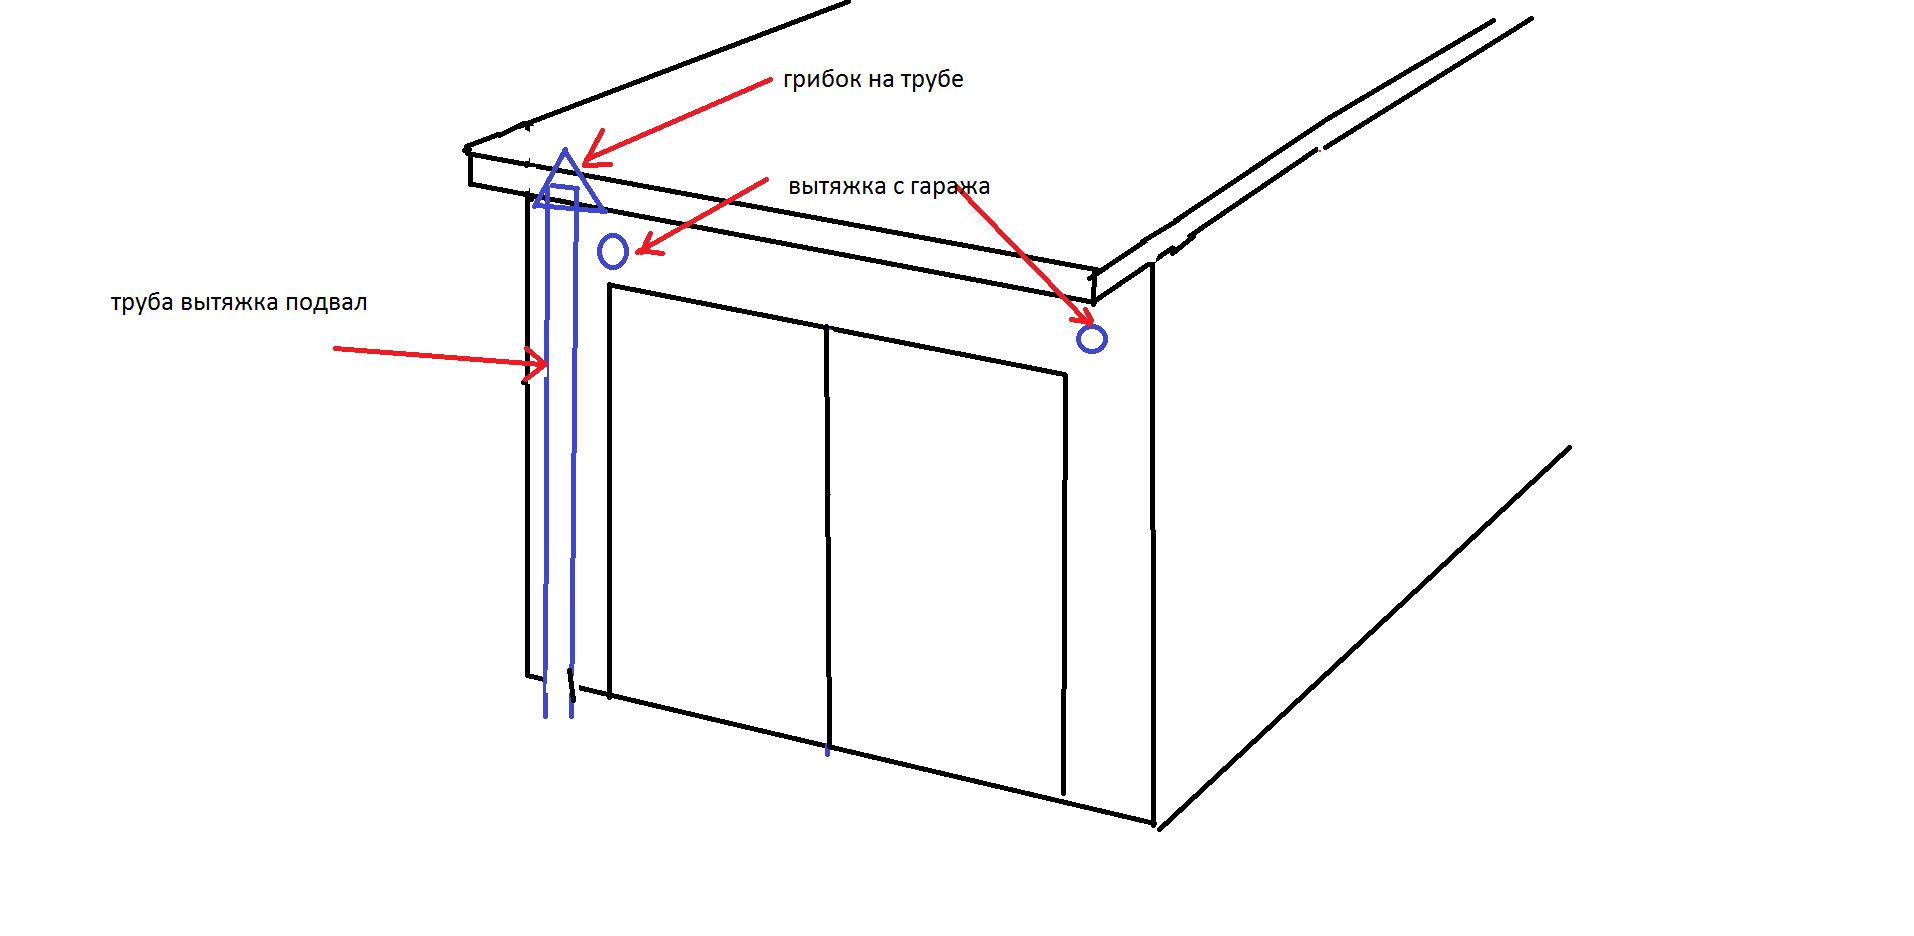 Вытяжка для гаража своими руками: особенности 32